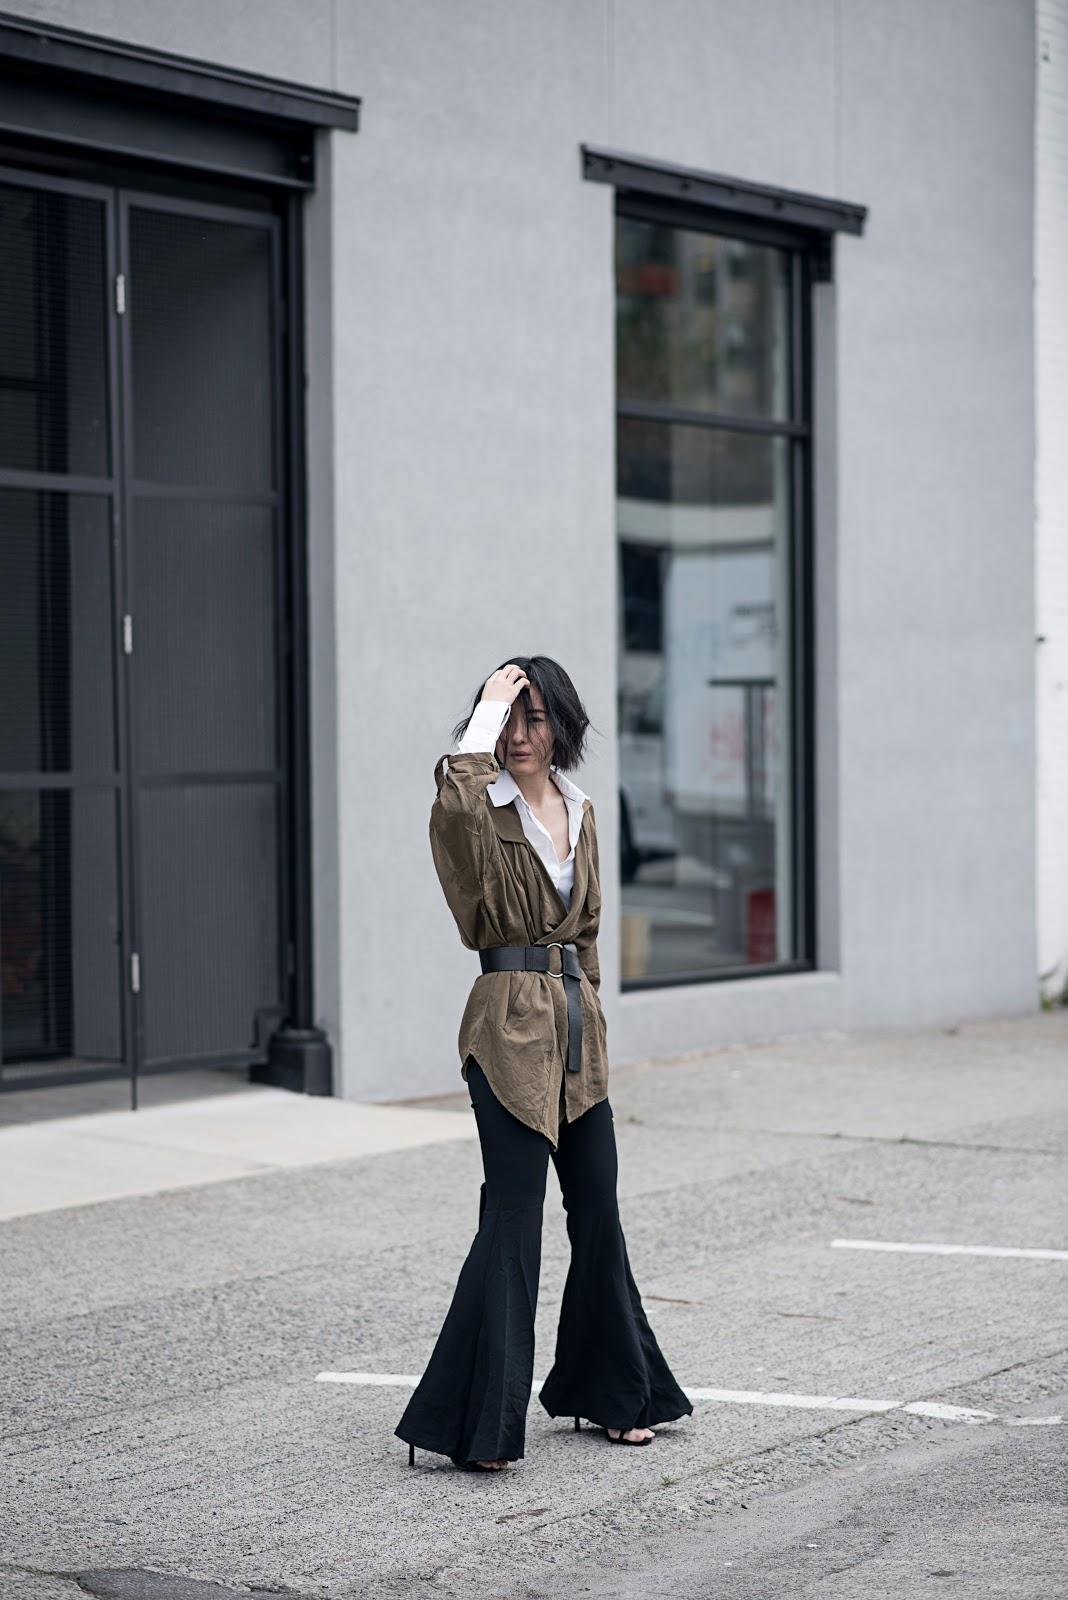 von vogue claire liu zara flares stuart weitzman heels